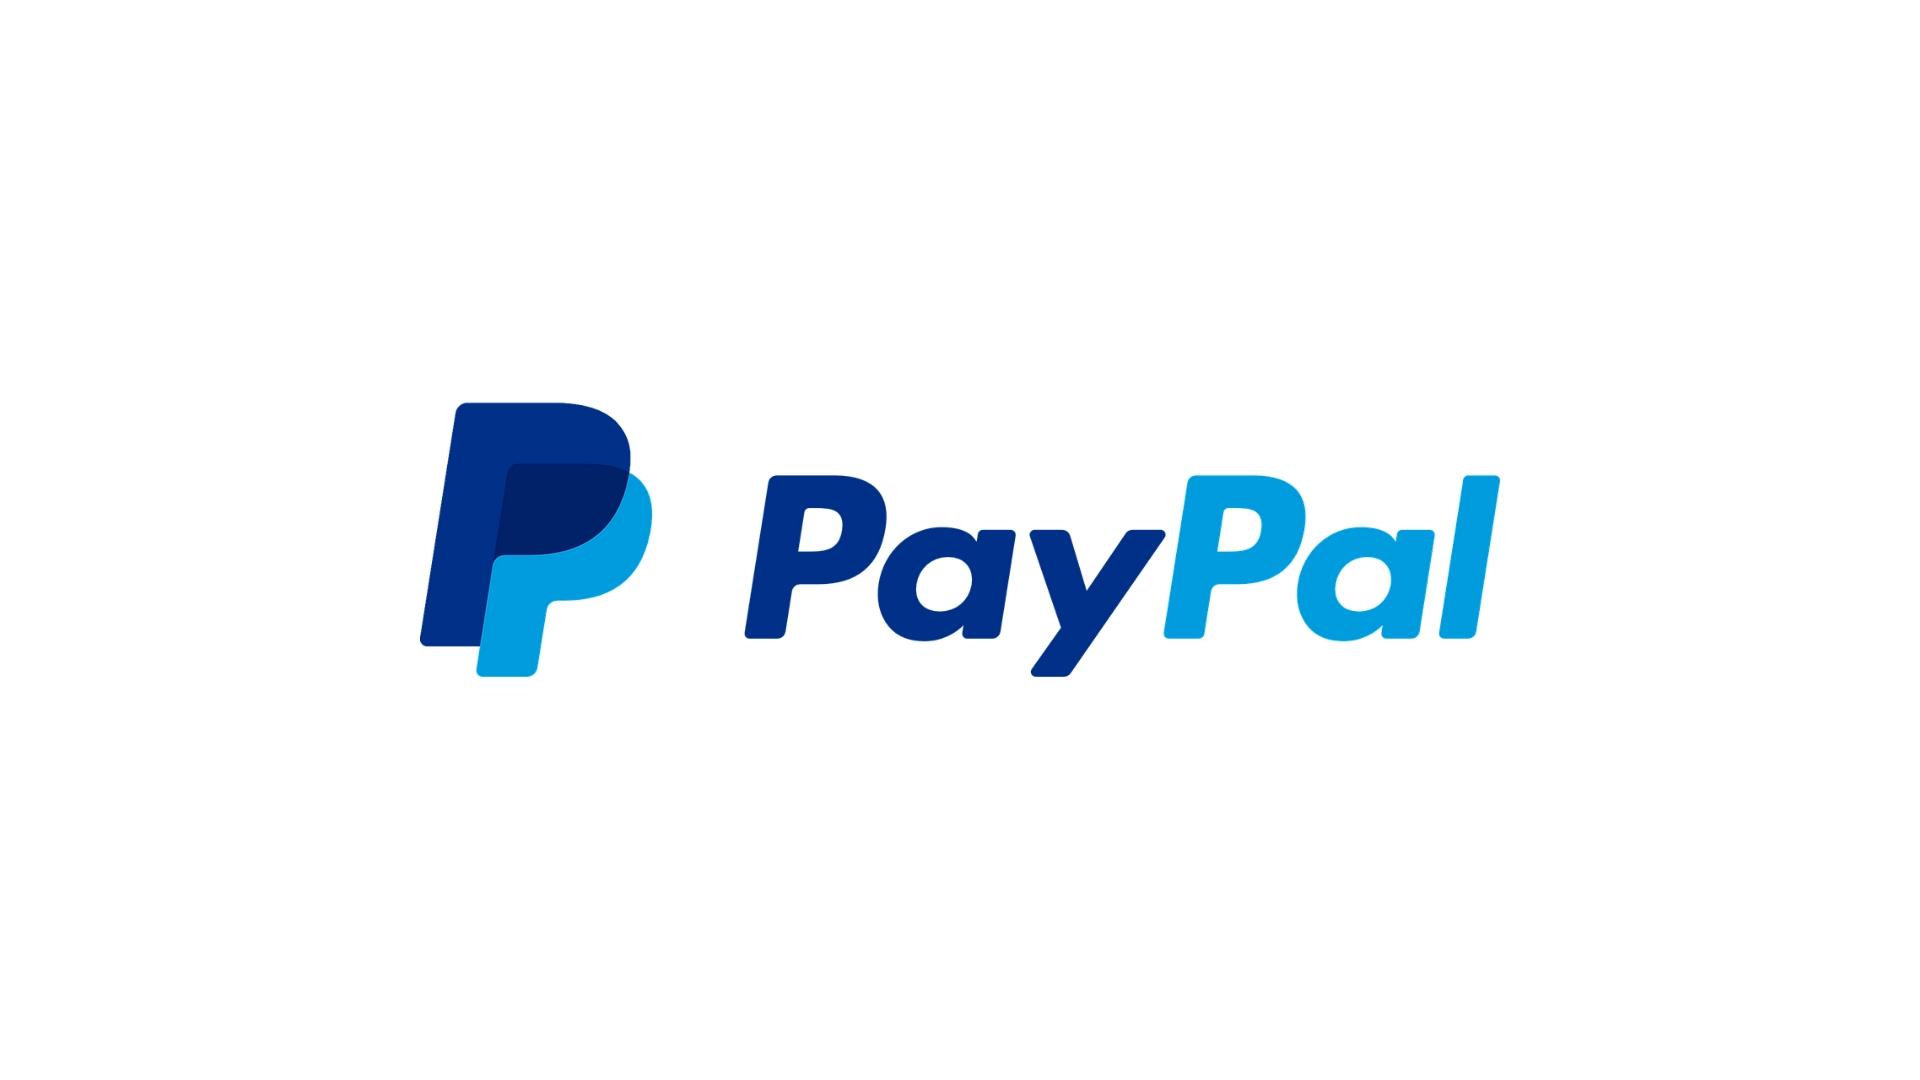 Paypal Guthaben Karte Tankstelle.Paypal Guthaben Aufladen So Geht S